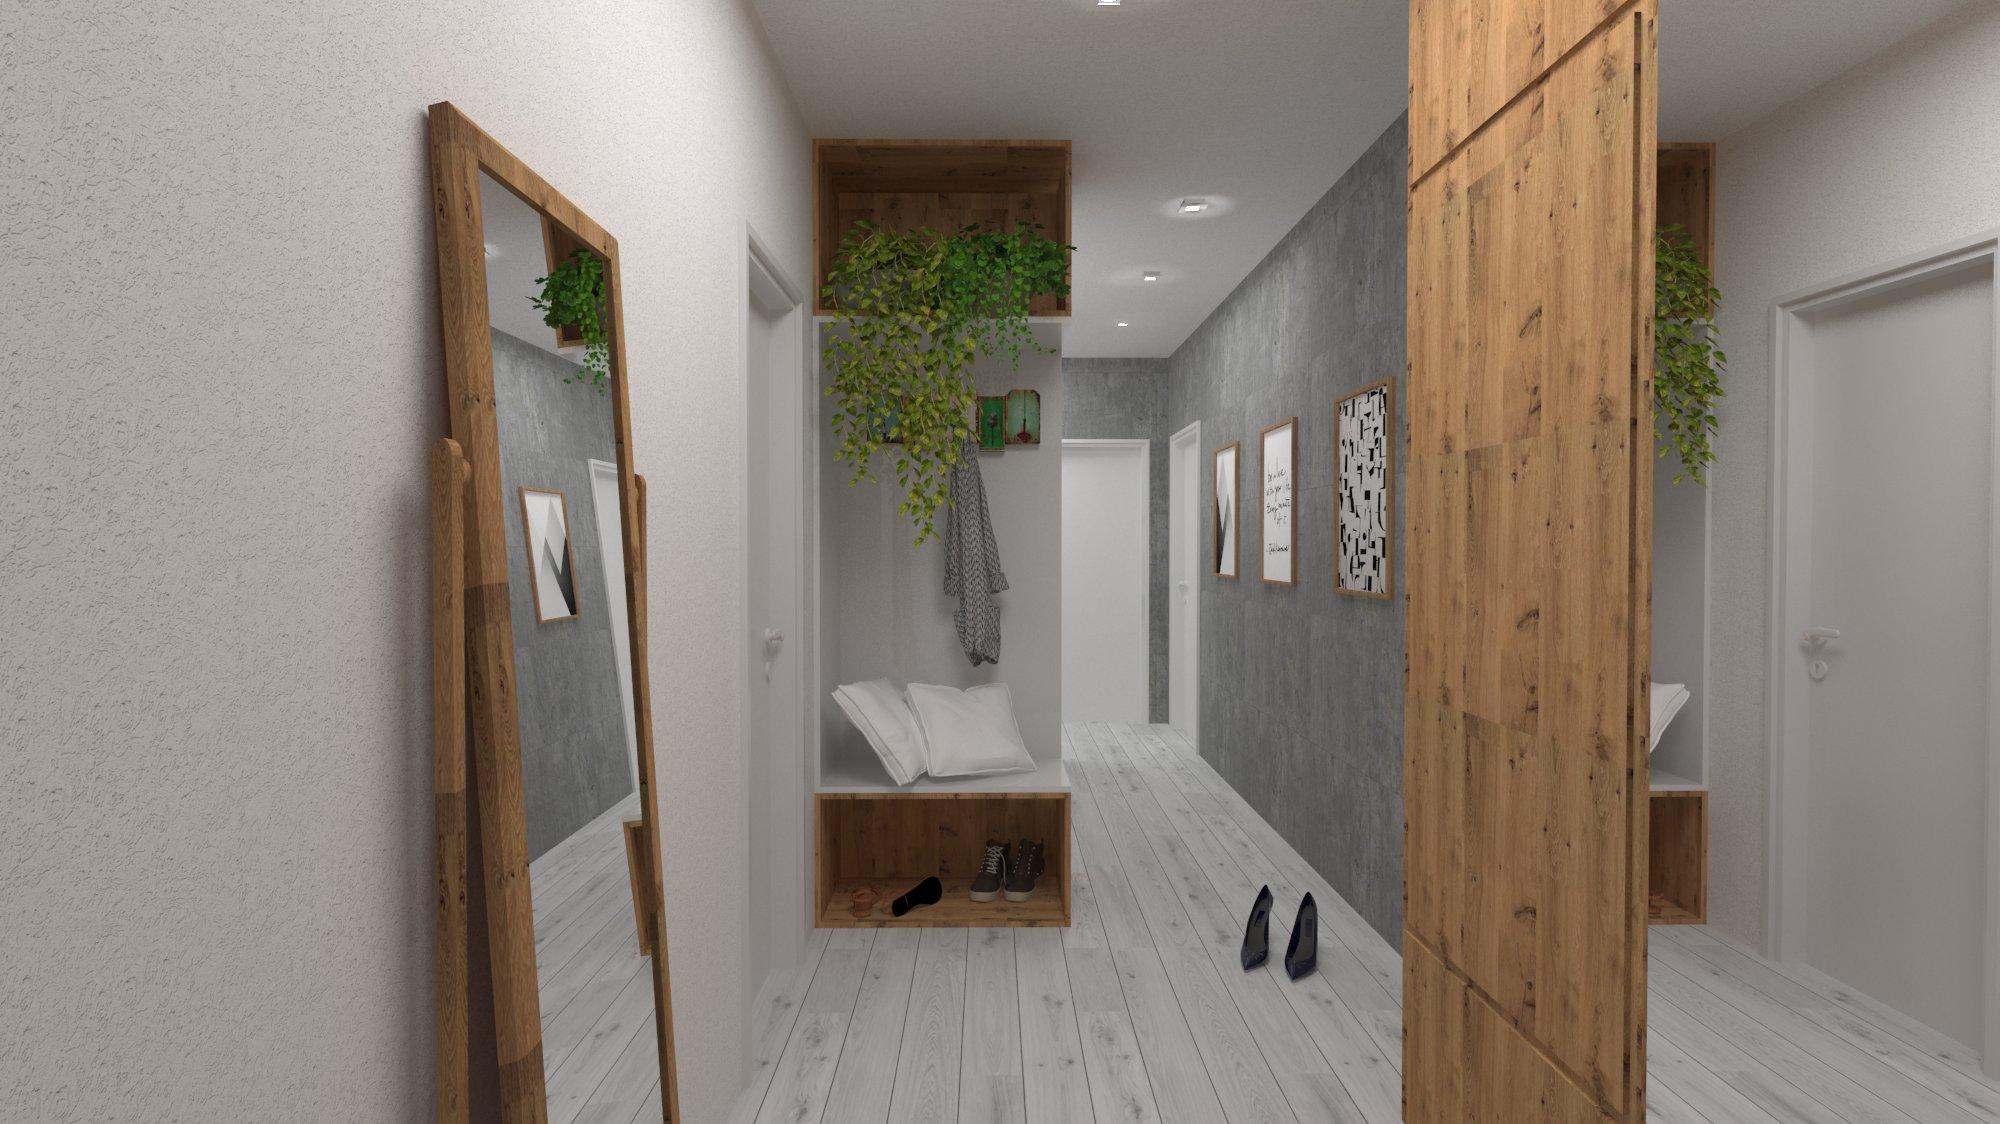 Návrh interiéru pre byt v novostavbe - predsieň